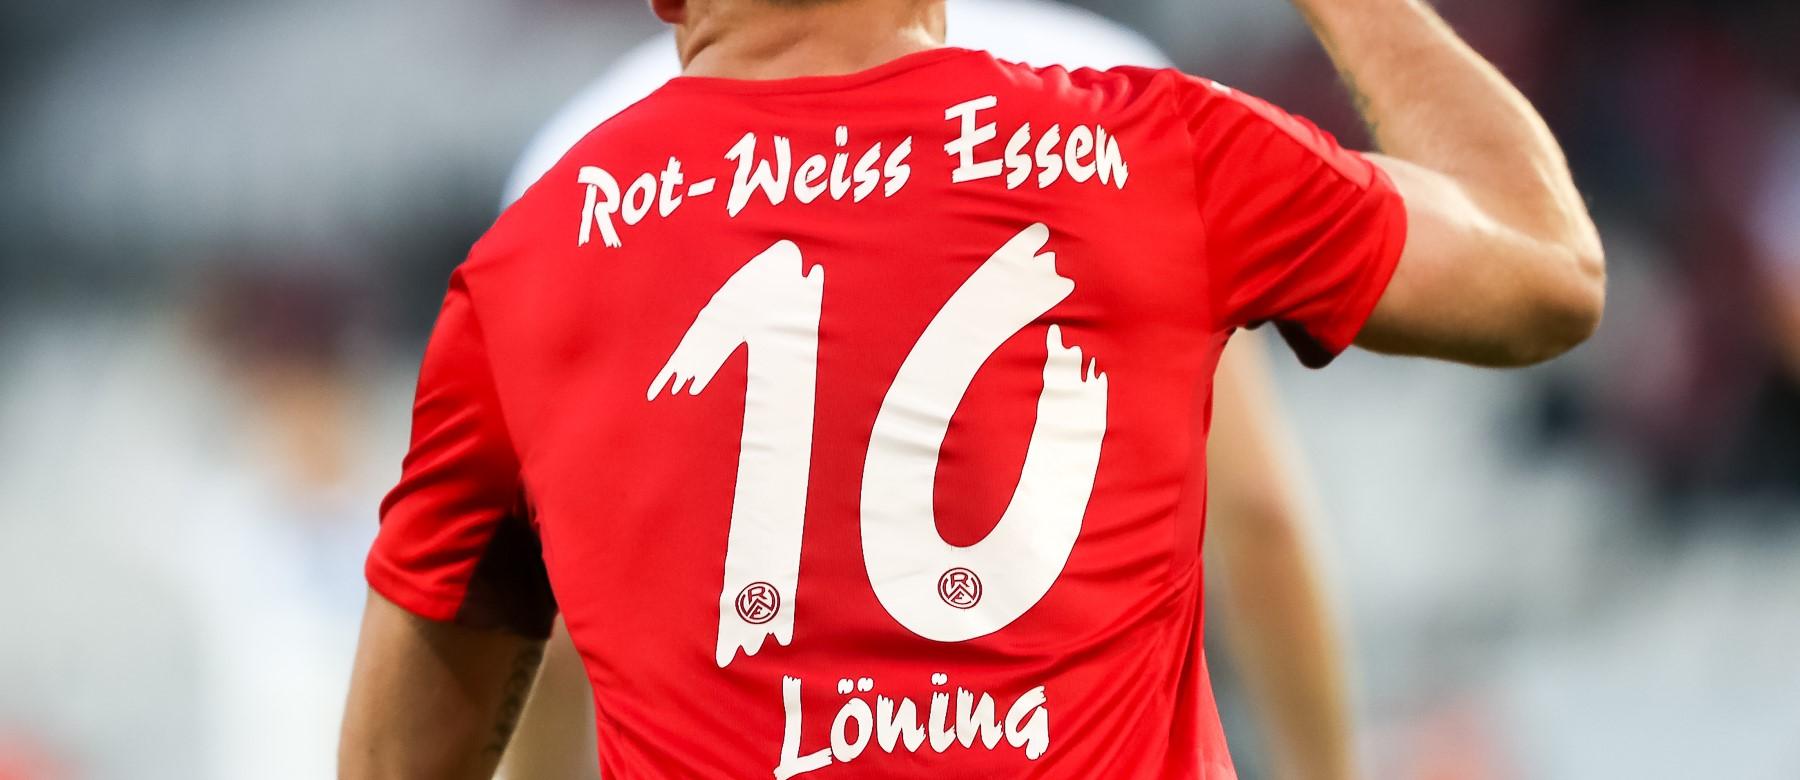 Auch Frank Löning streift am Wochenende wieder das rot-weisse Trikot über. (Foto: Endberg)